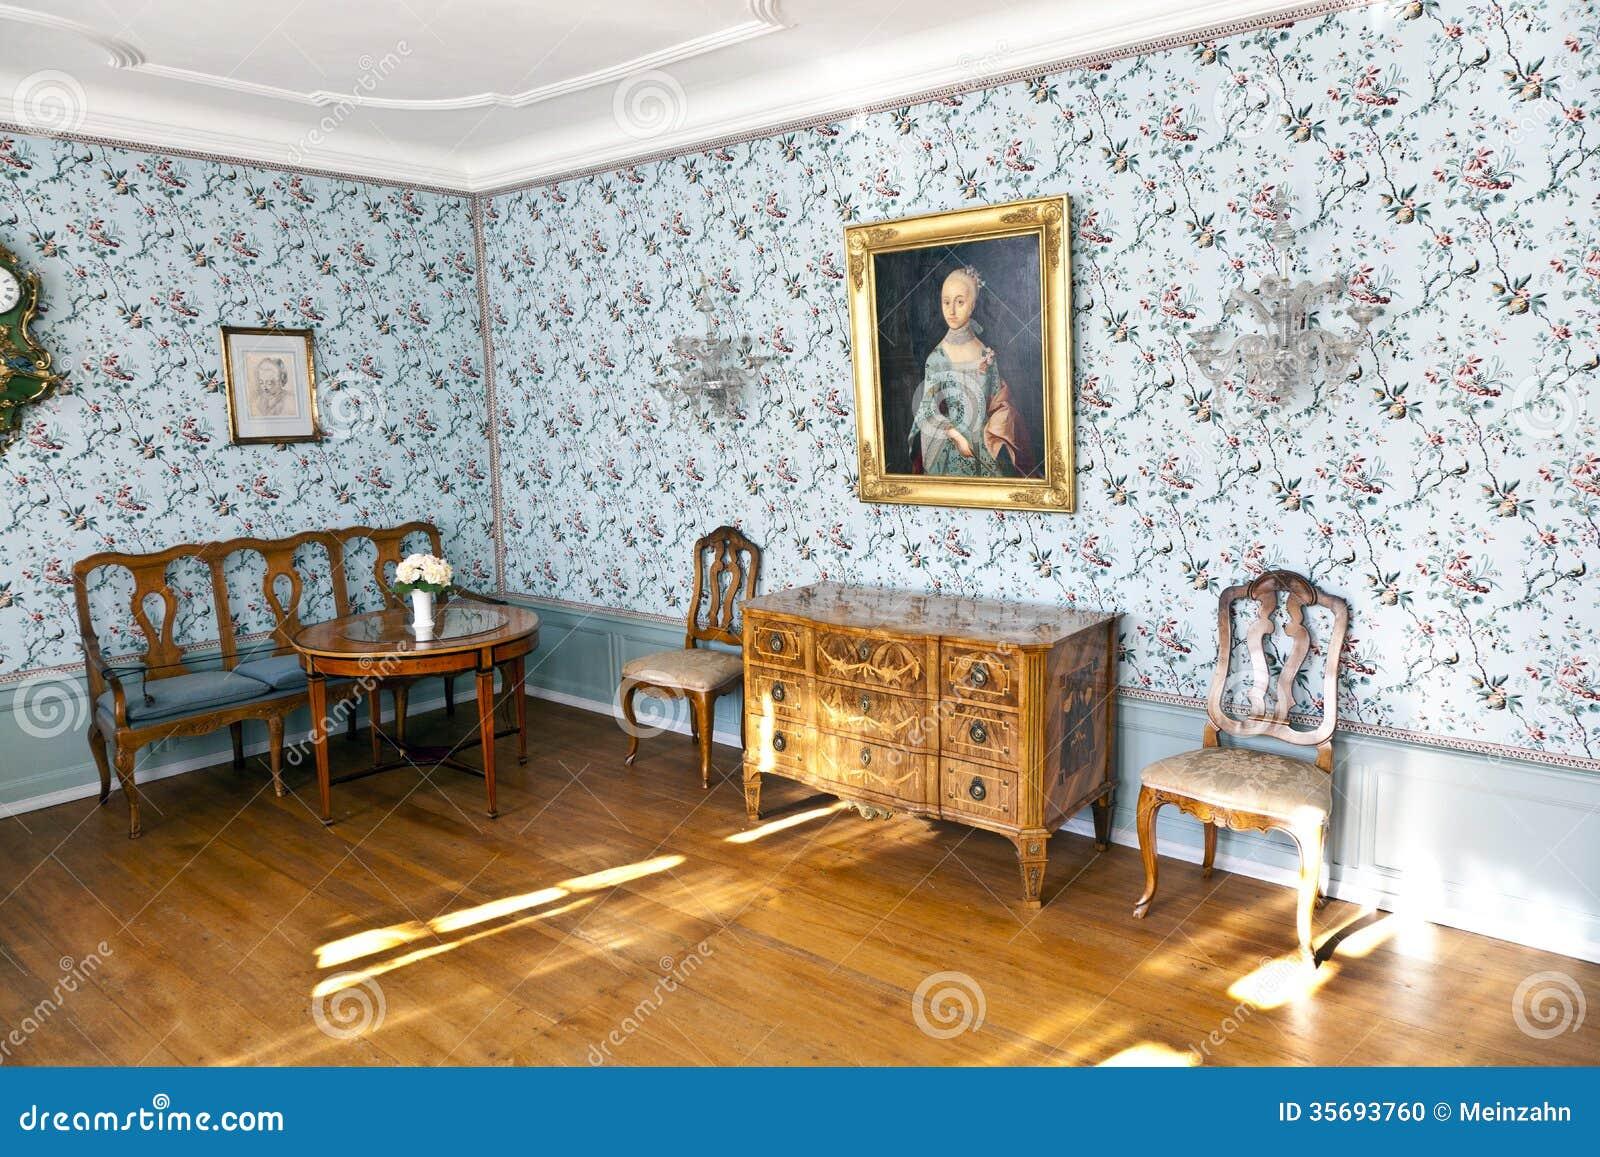 De zaal van cornelia goethe in het goethe huis in frankfurt am main redactionele afbeelding - Huis van de wereld canapes ...